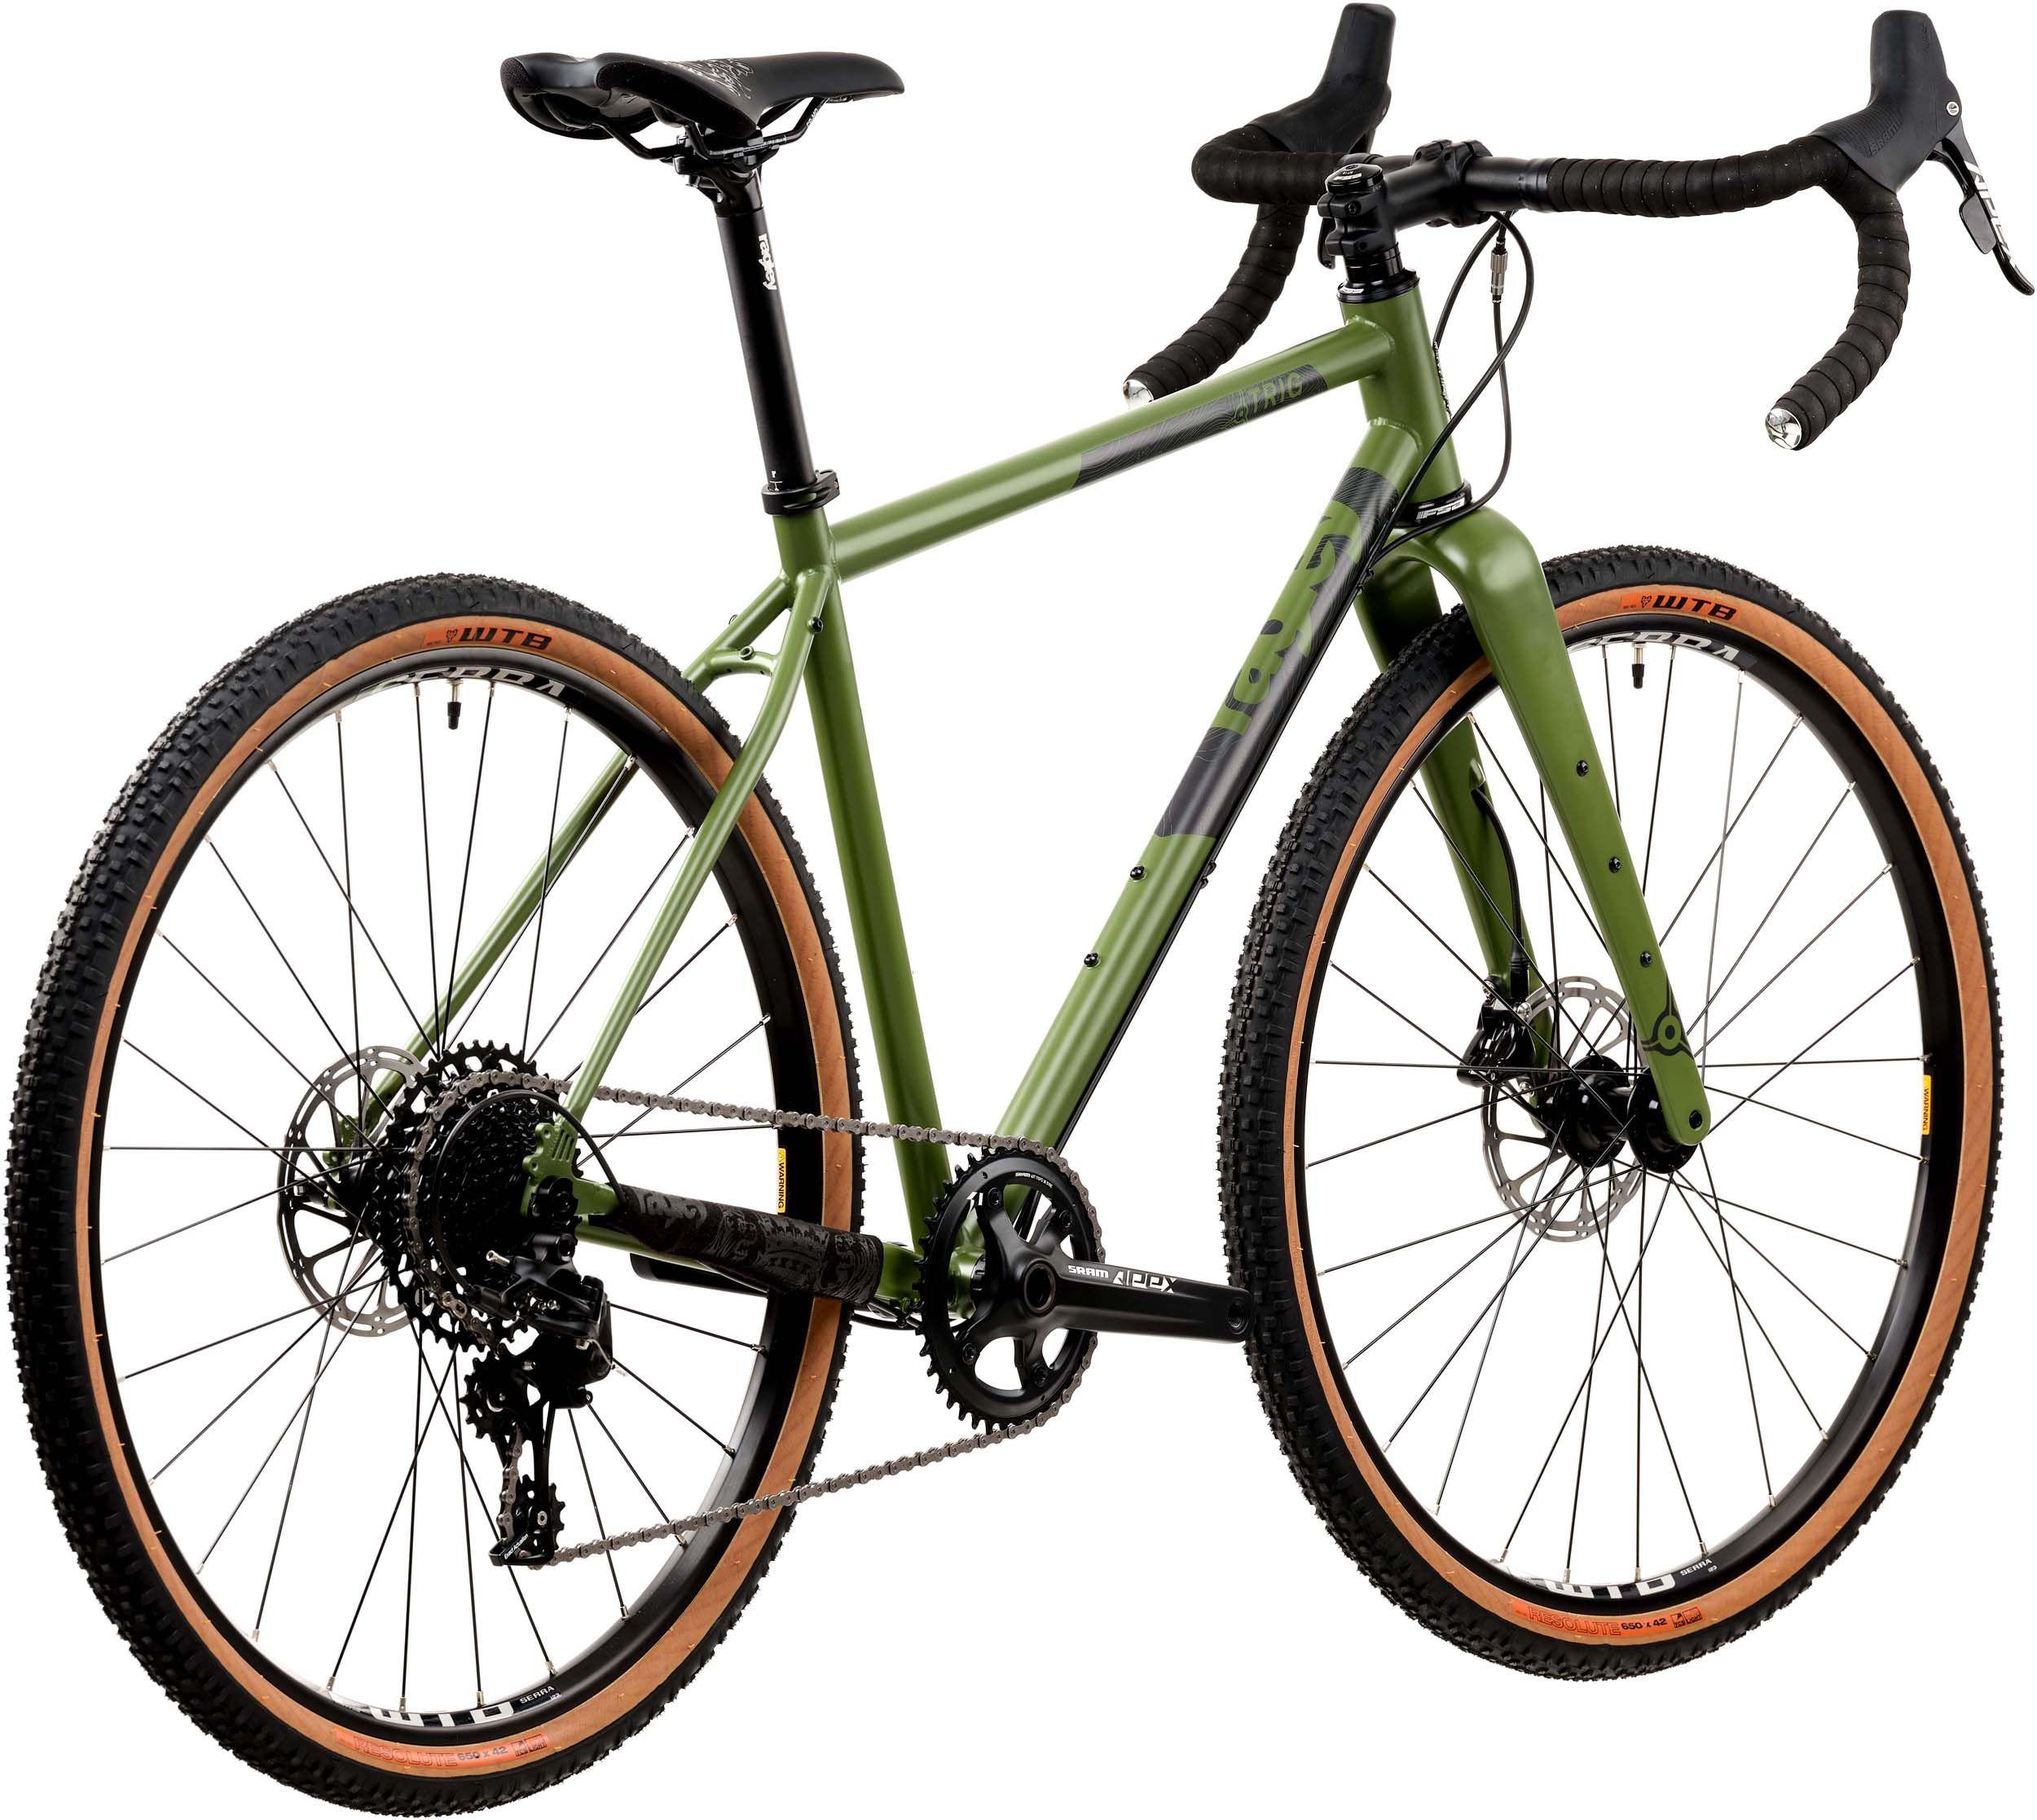 Trig Adventure Complete Bike 2020 Ragley Bikes Bike Trail